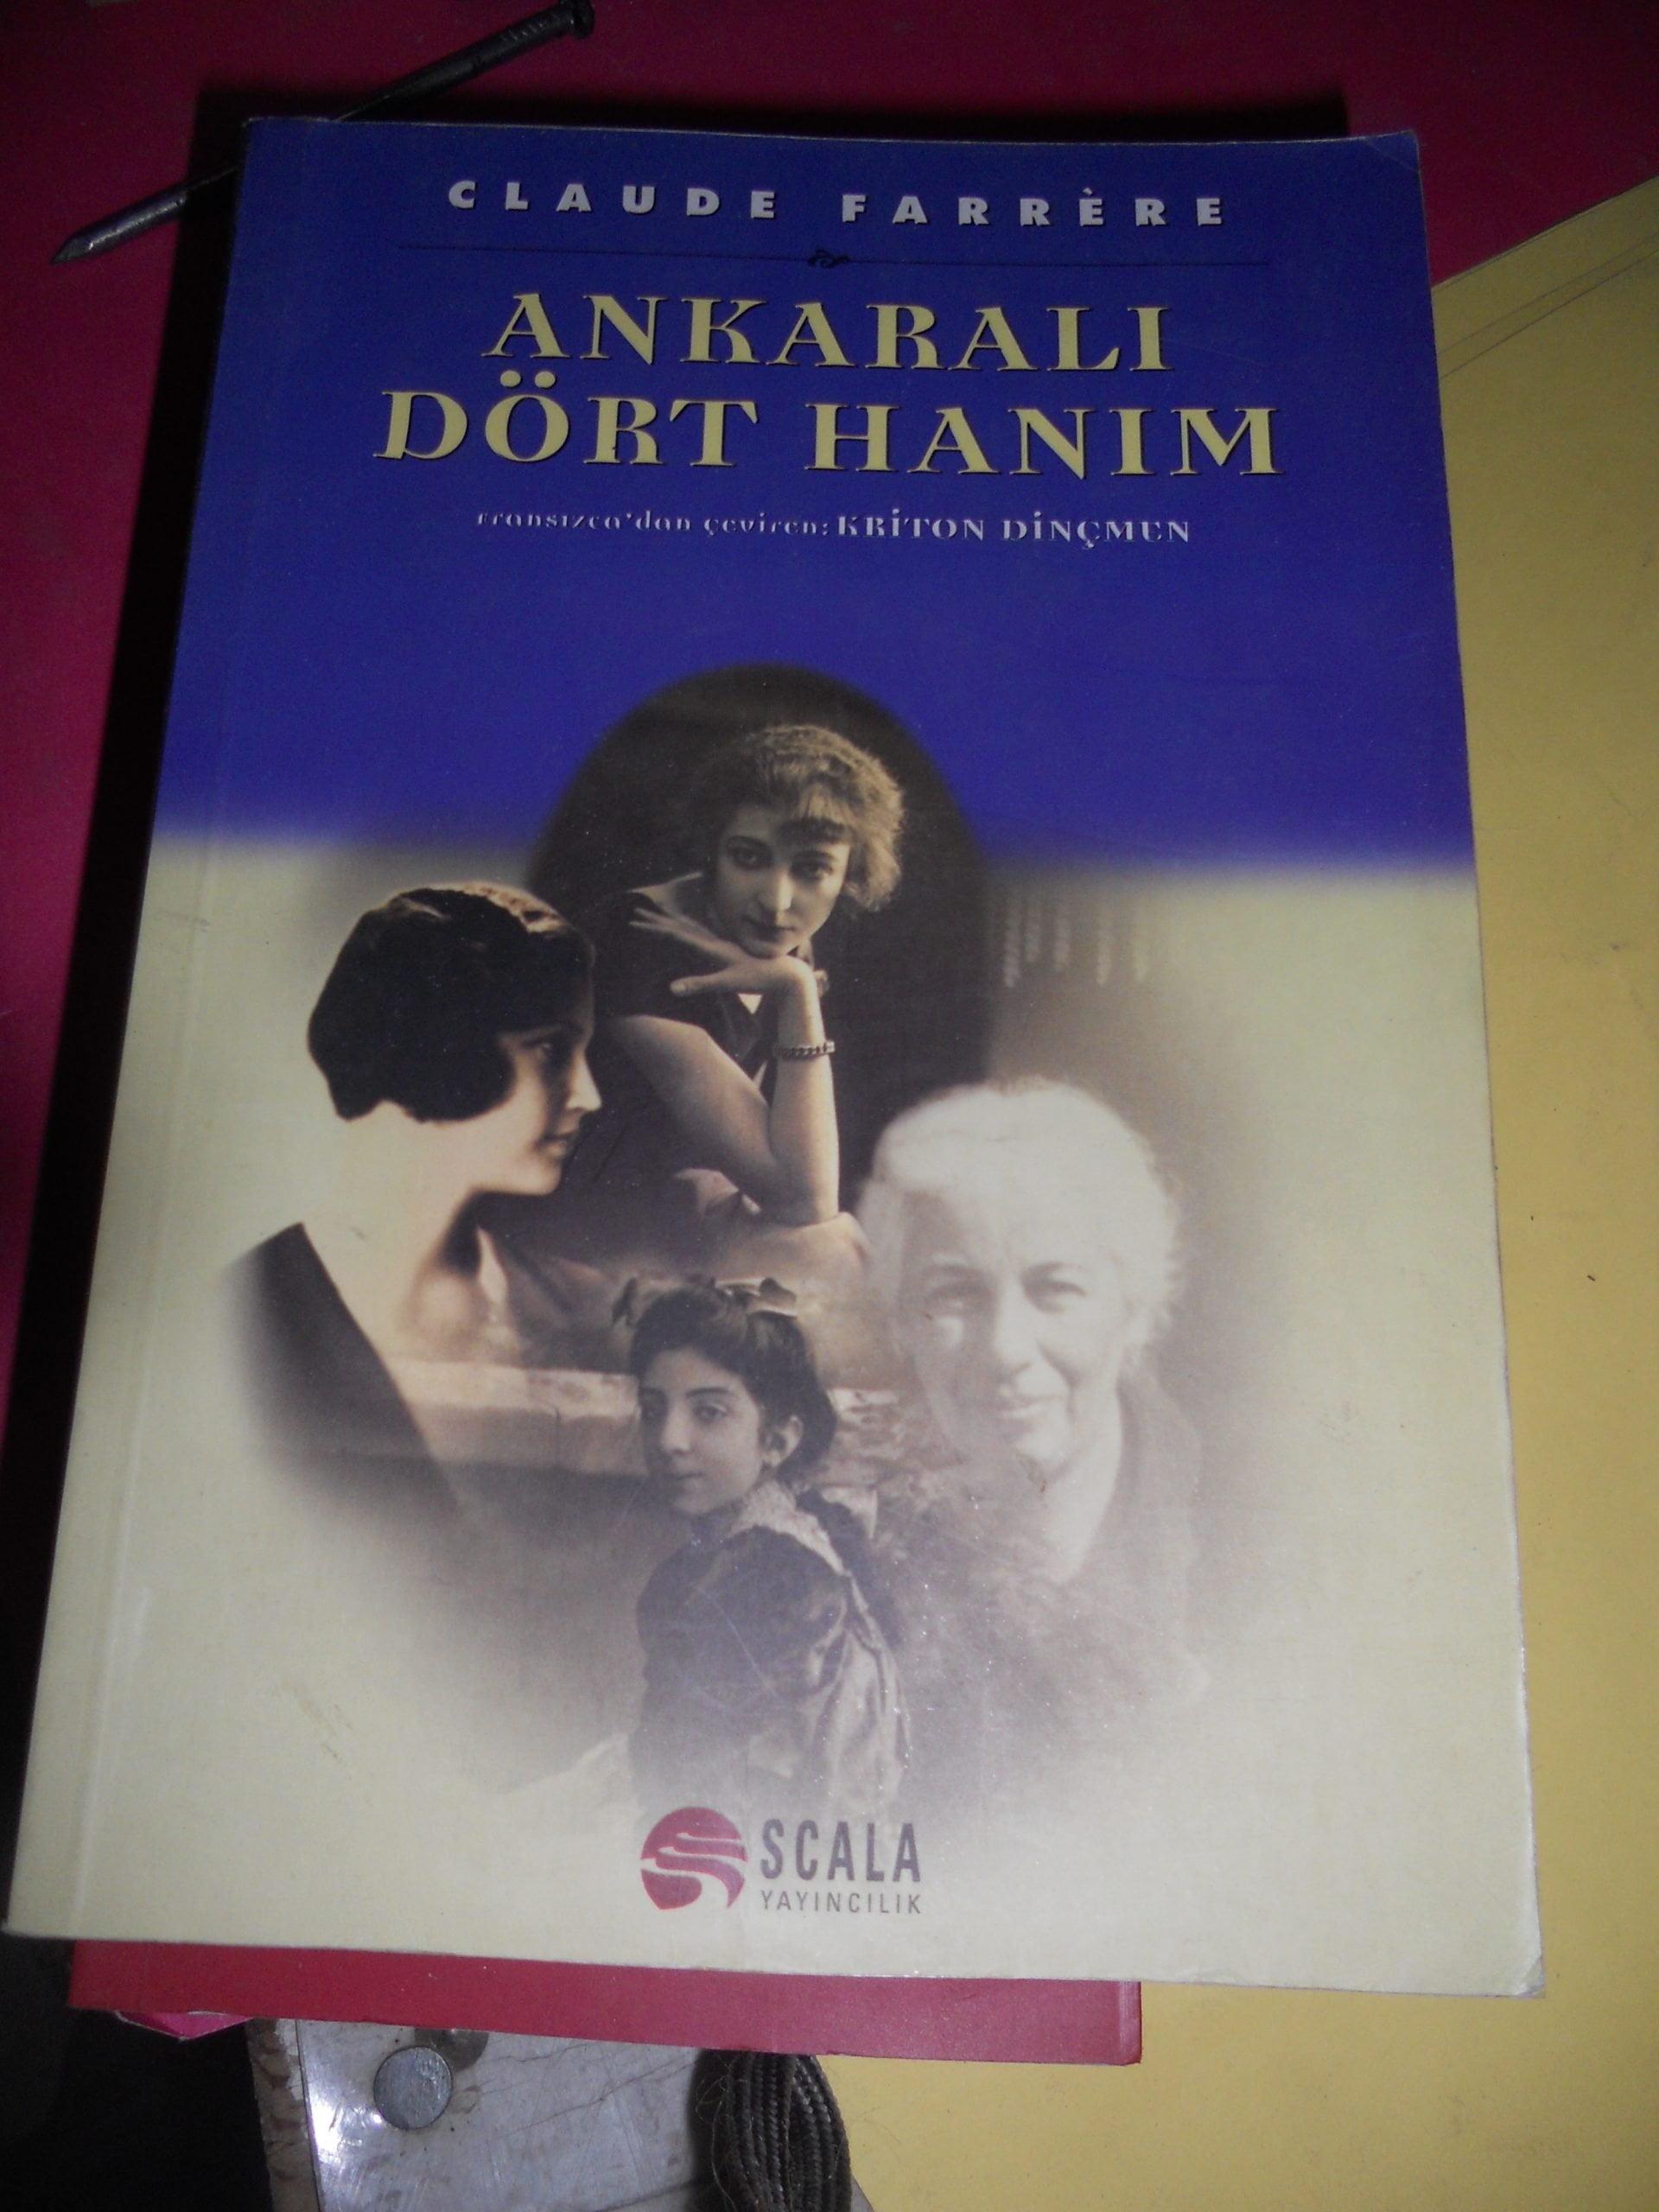 ANKARALI DÖRT HANIM/Claude FERRARE/15 TL